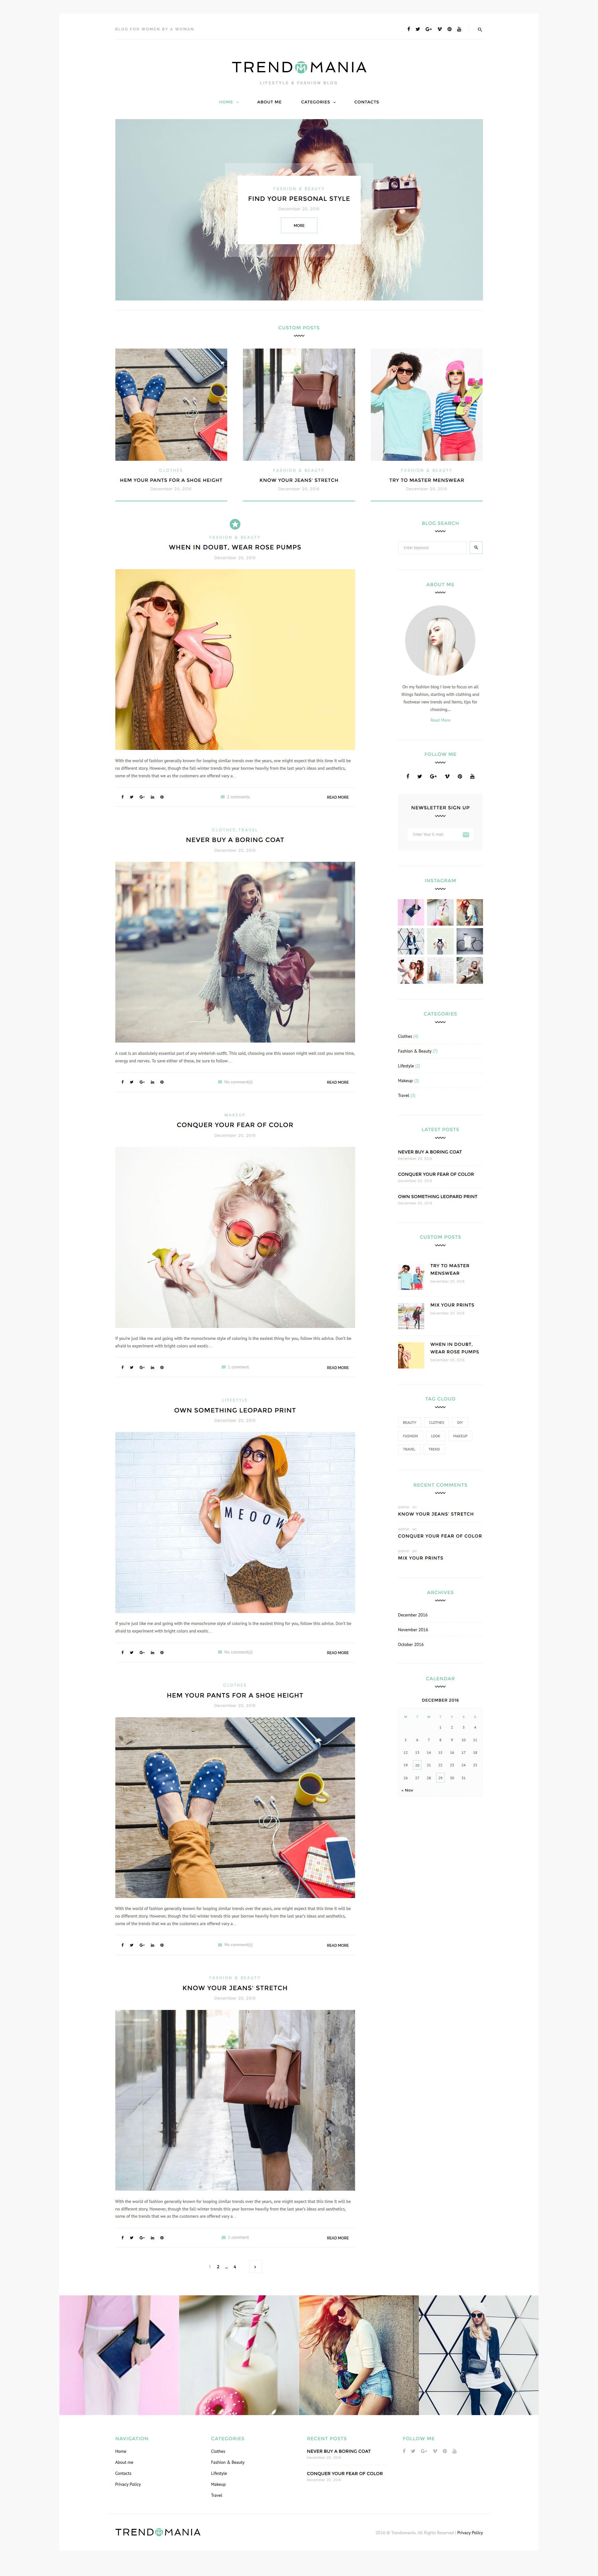 Trendomania - Lifestyle & Fashion Blog Tema WordPress №58957